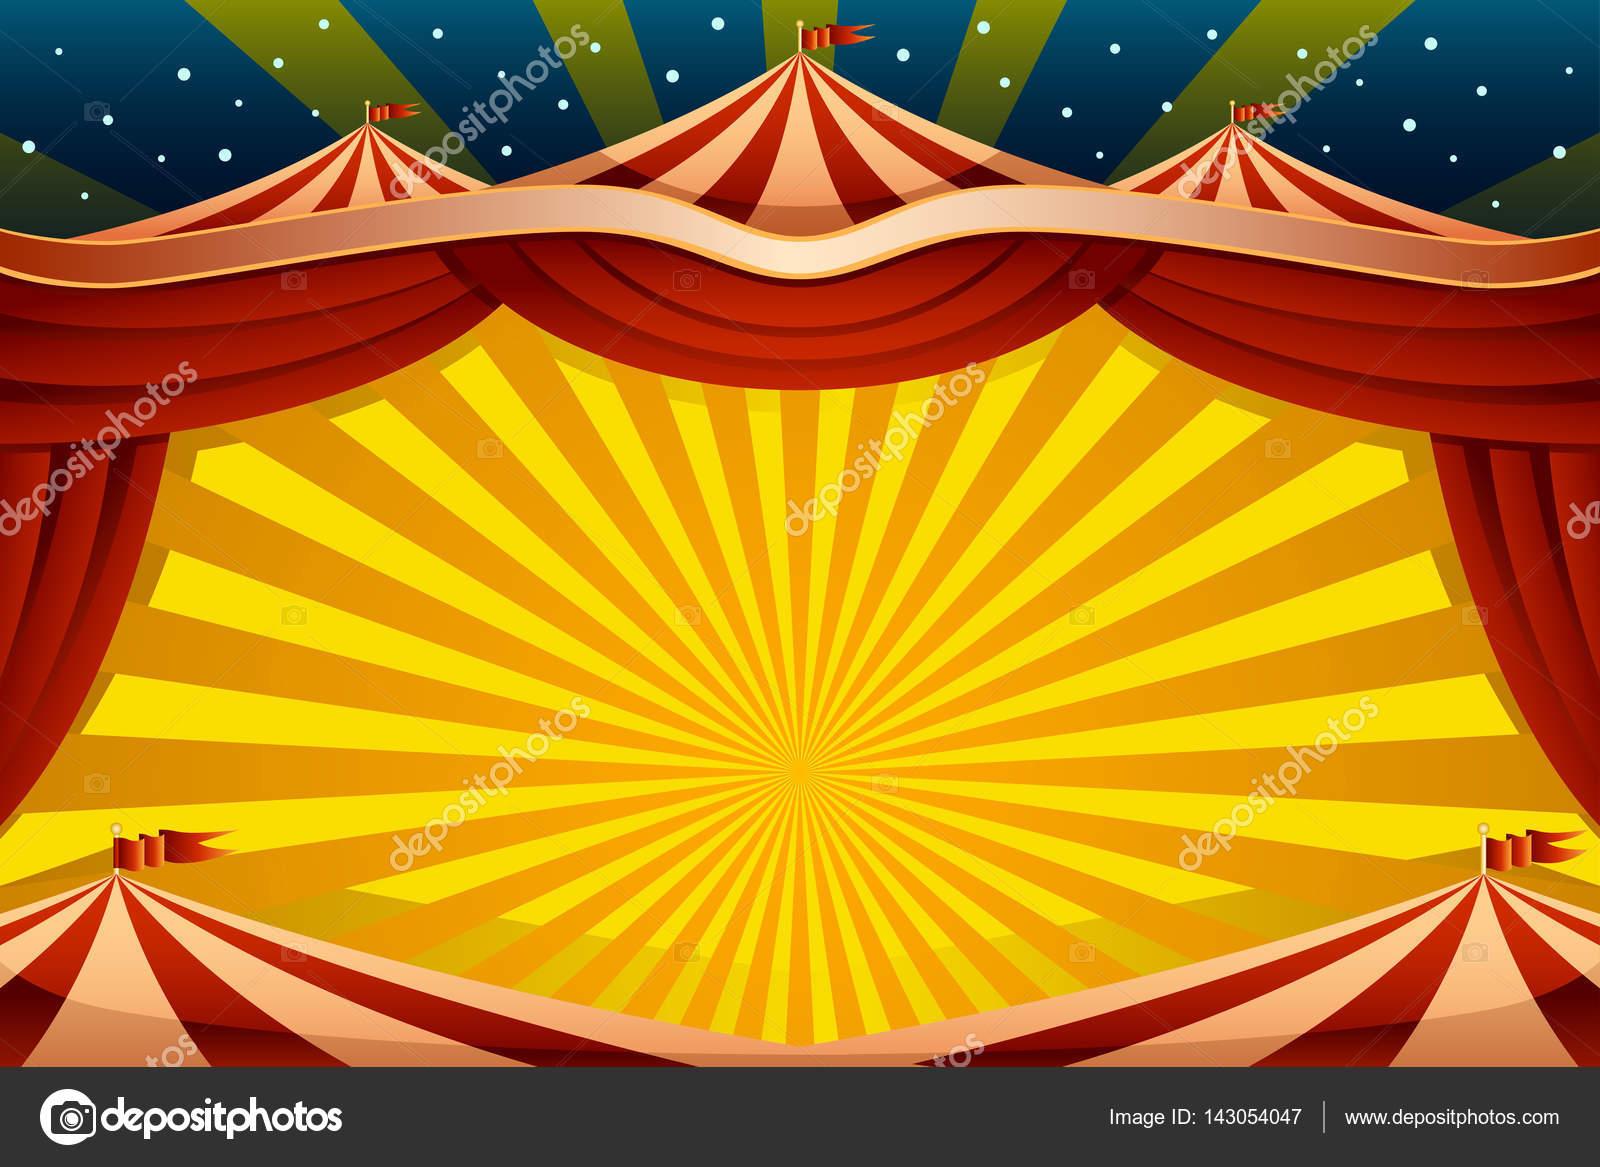 u9a6c u620f u56e2 u5e10 u7bf7 u80cc u666f  u56fe u5e93 u77e2 u91cf u56fe u50cf u00a9 artisticco 143054047 circus clip art sword eating man circus clip art free download